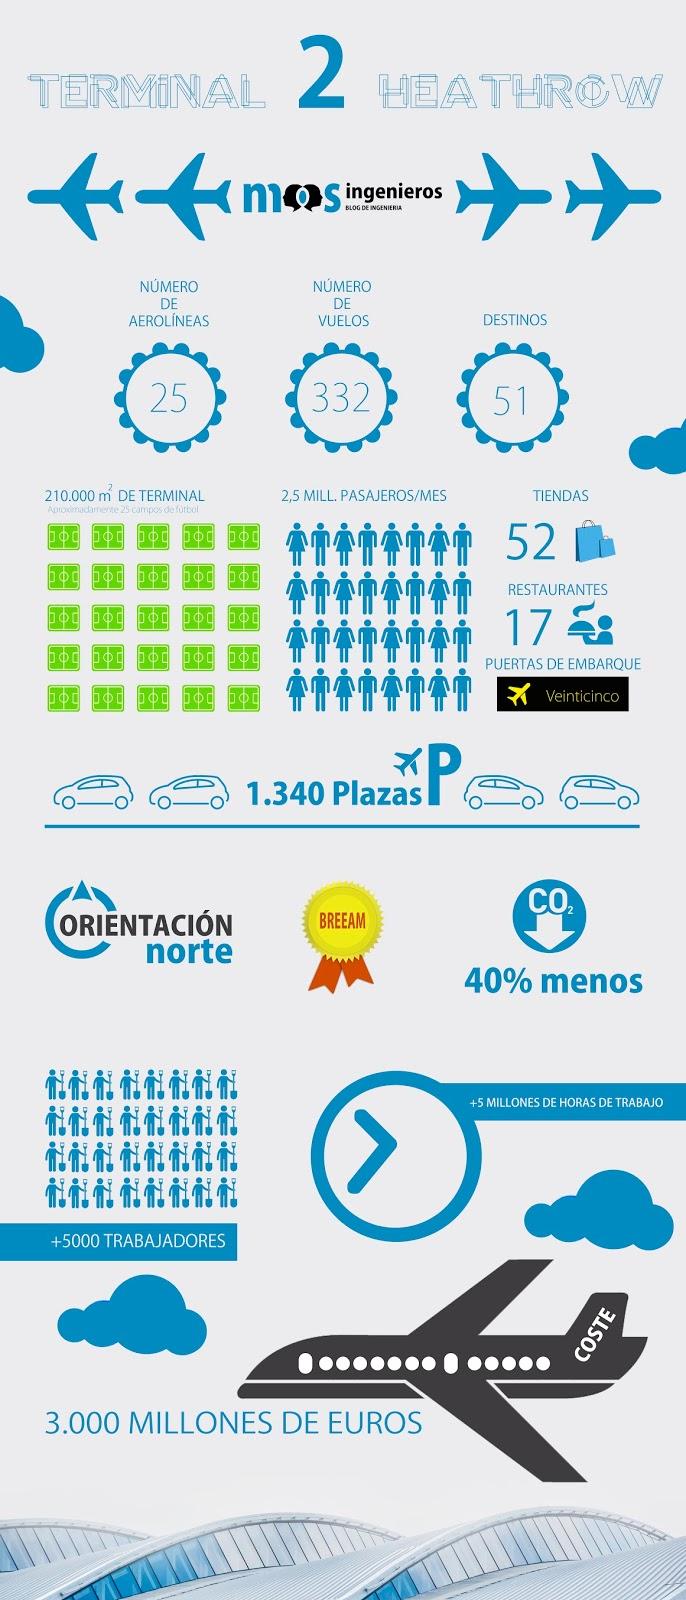 infografía-aeropuerto-t2-heathrow-londres-mosingenieros